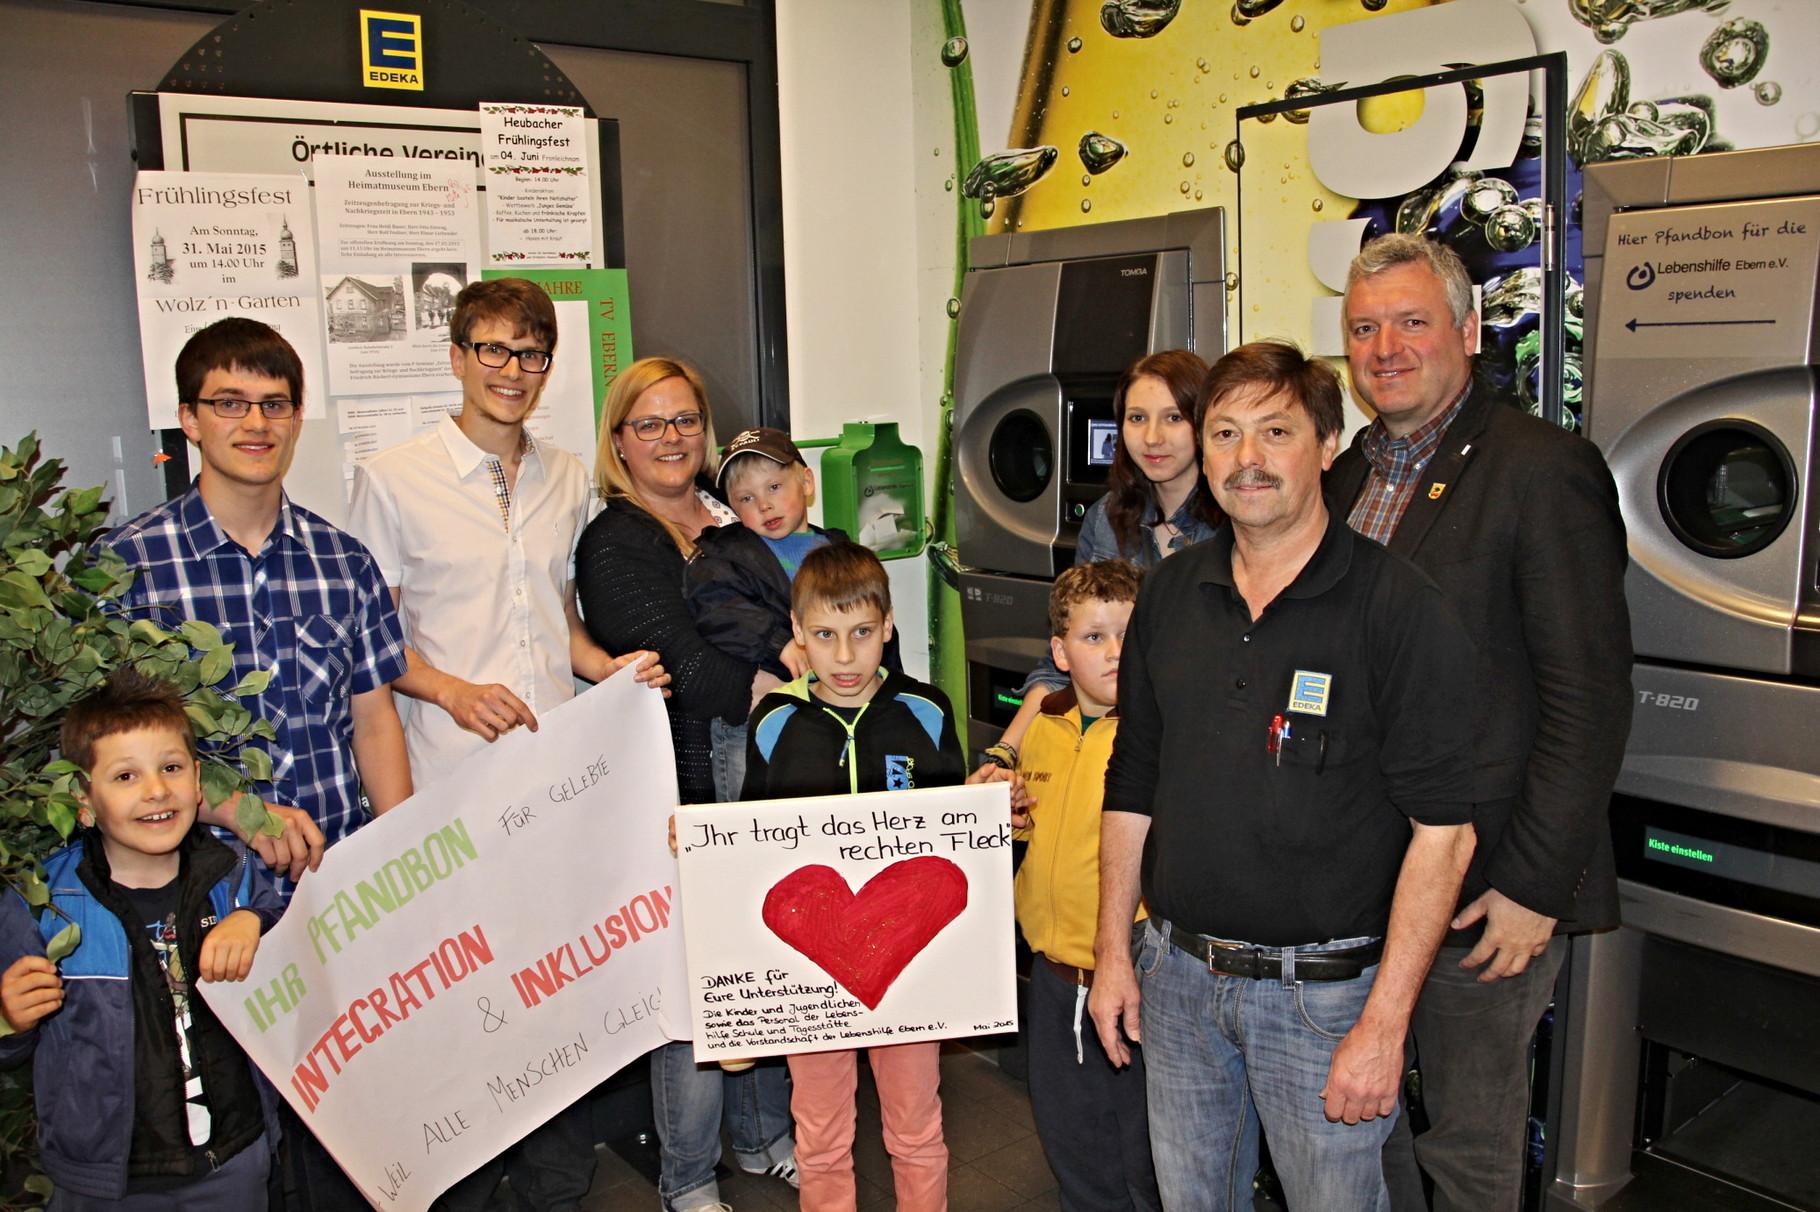 Die offizielle Einweihung in Ebern mit 1. Bürgermeister Jürgen Hennemann und Marktleiter Klaus Rother